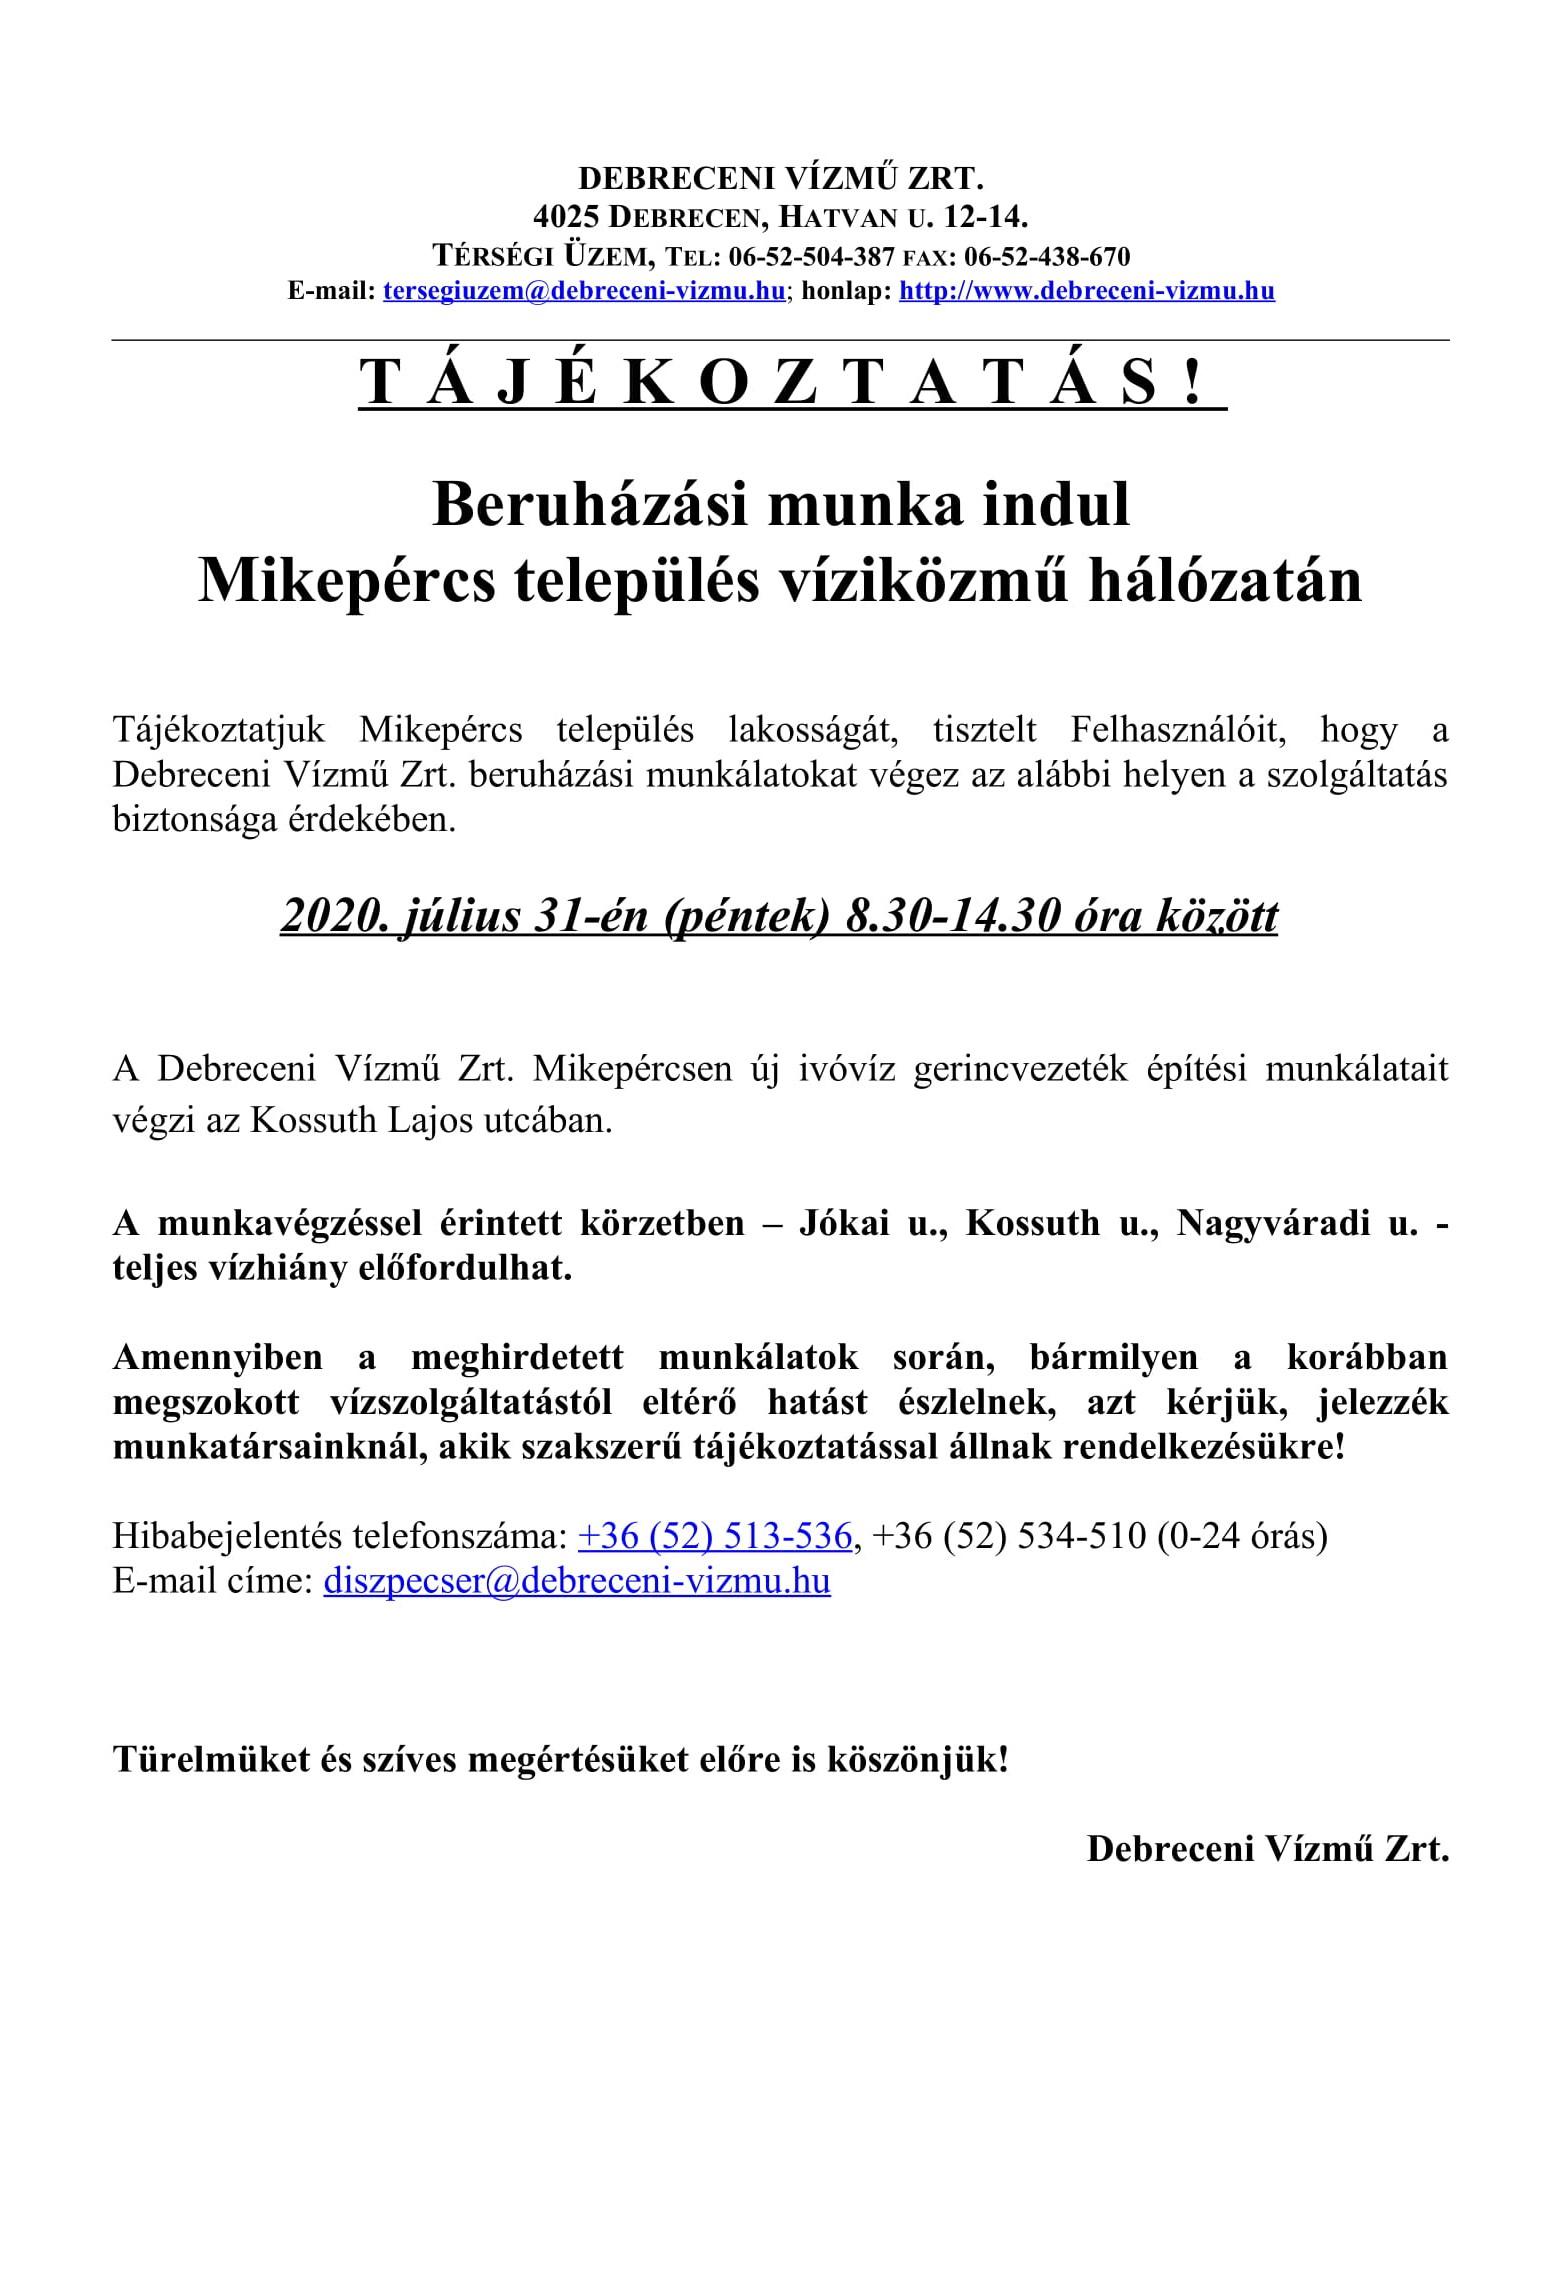 Felhívás - Debreceni Vízmű Zrt. tájékoztatása beruházási munkákról és vízszünetről 07. 31.